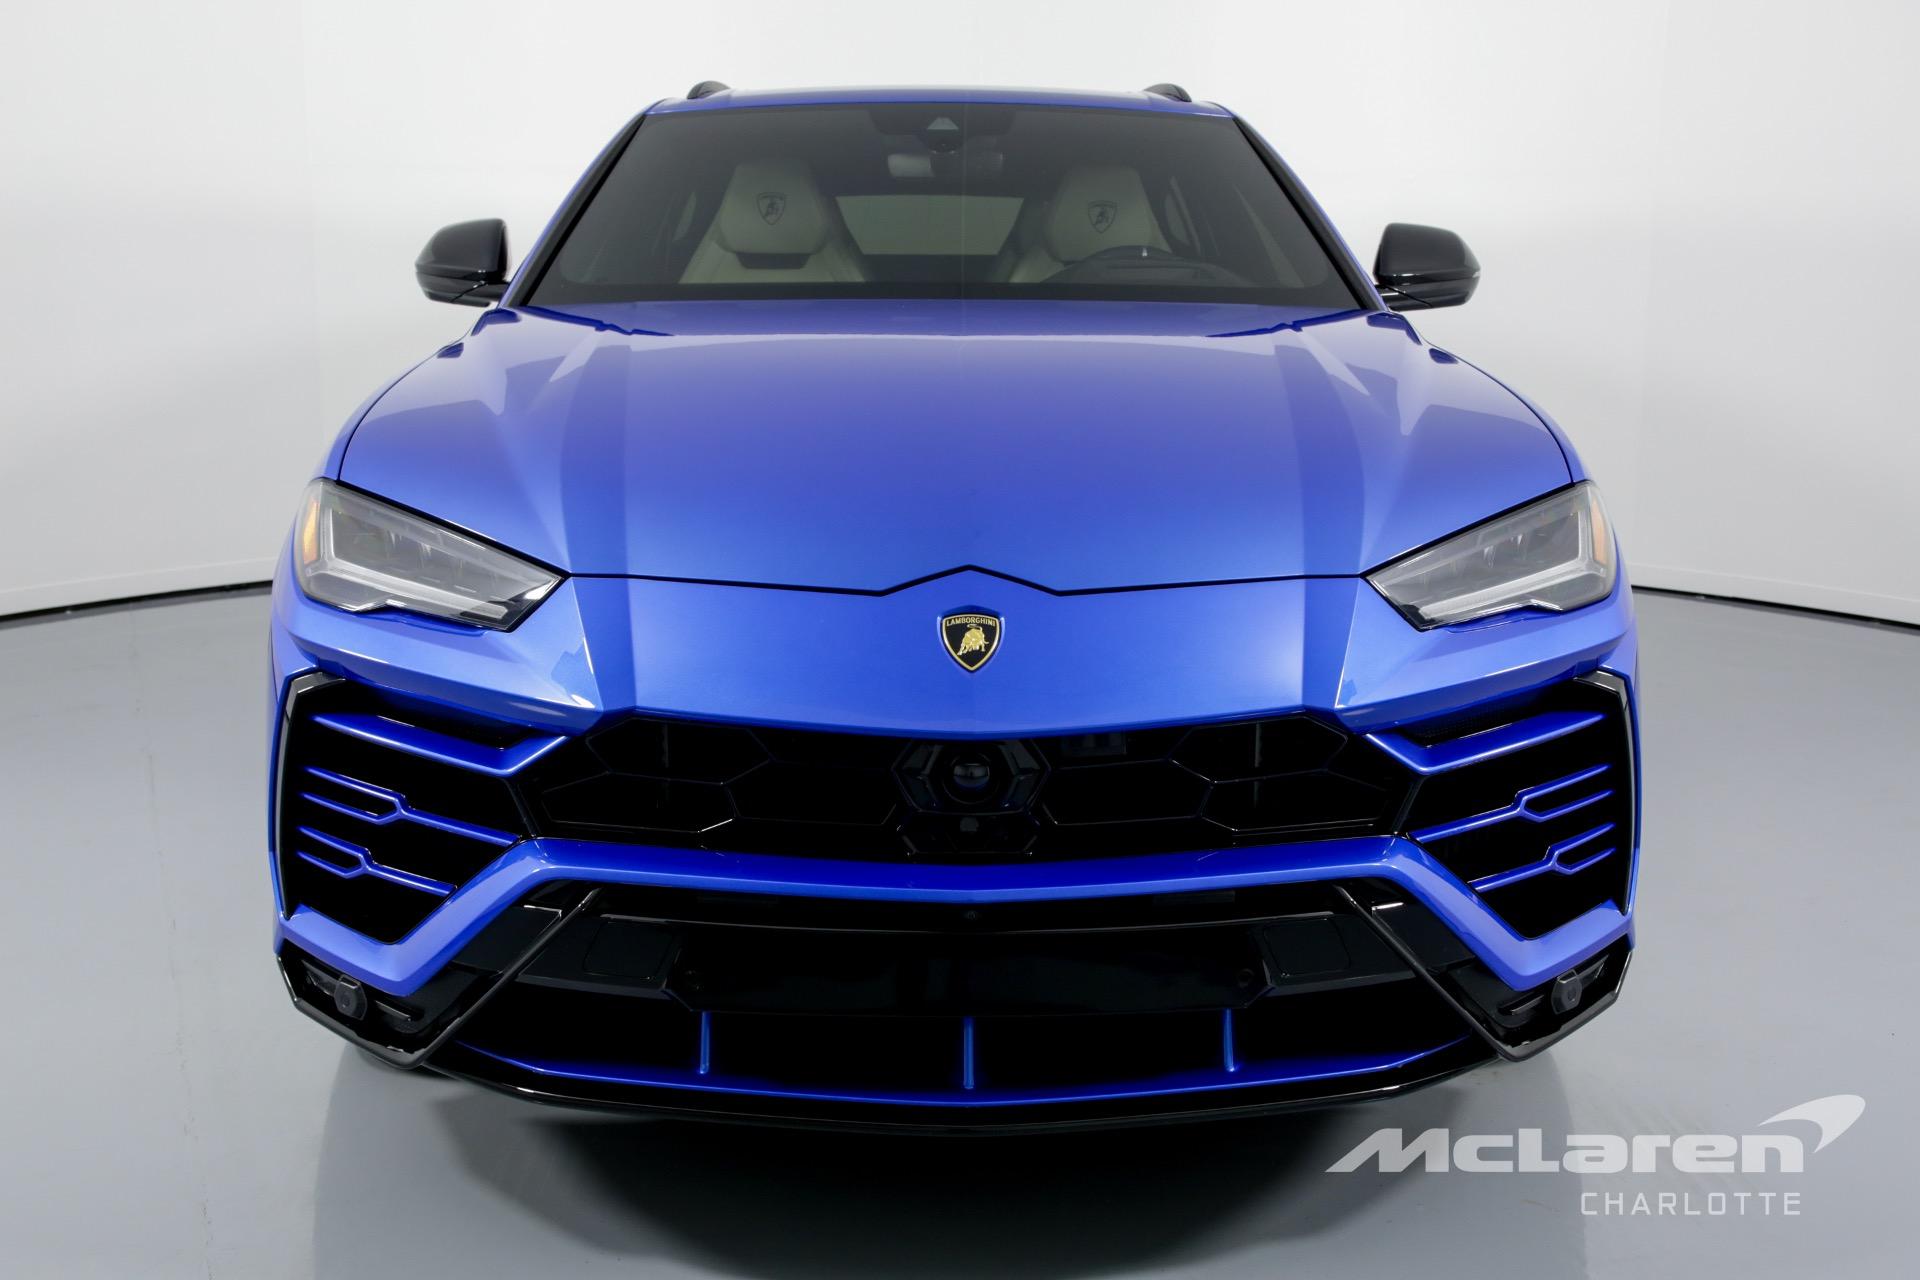 Used 2019 Lamborghini Urus For Sale 269 996 Mclaren Charlotte